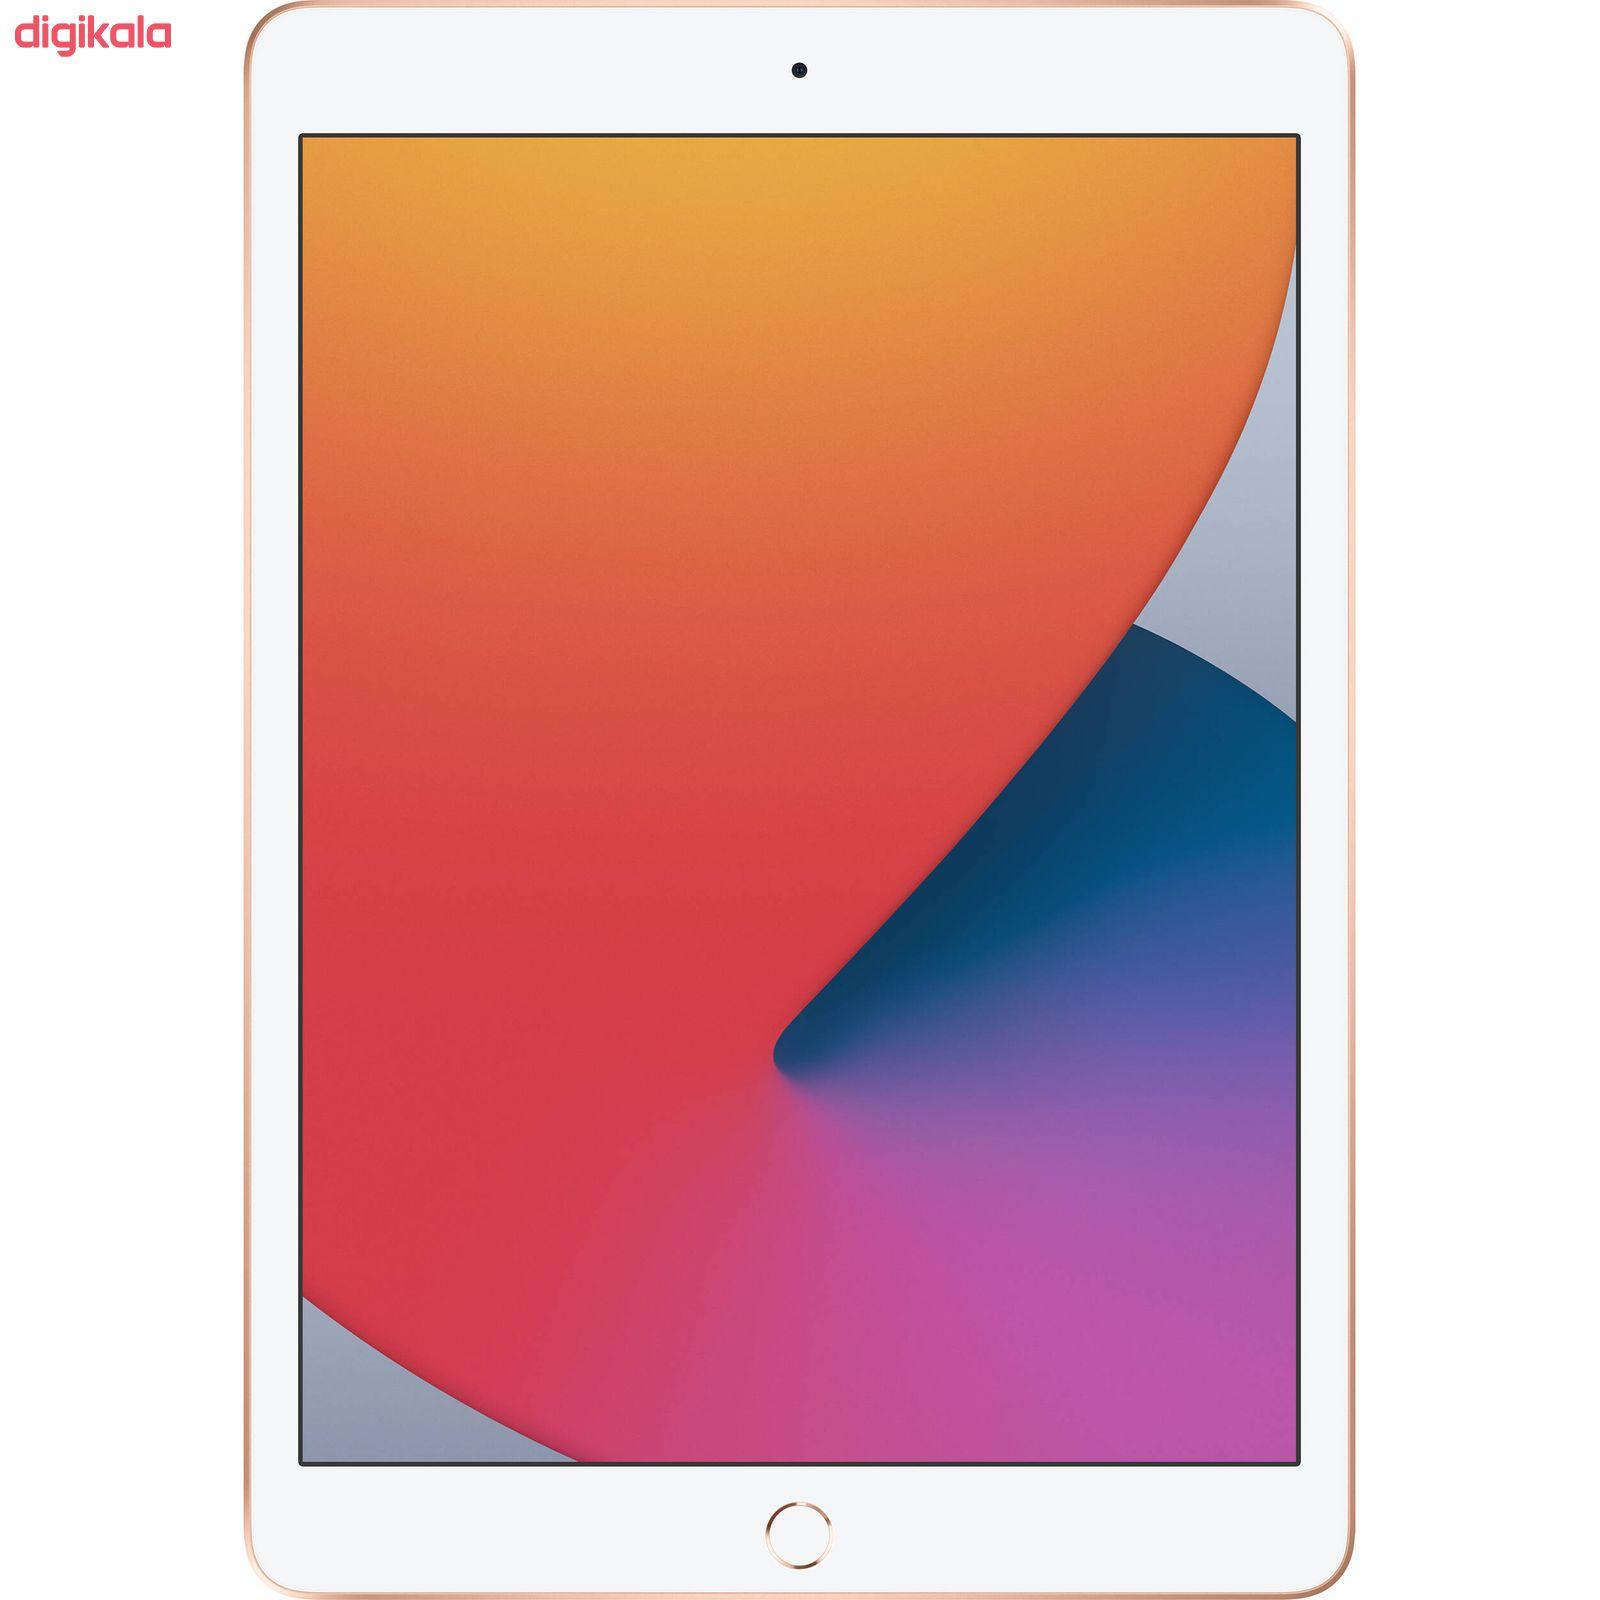 تبلت اپل مدل iPad 10.2 inch 2020 4G/LTE ظرفیت 128 گیگابایت  main 1 3